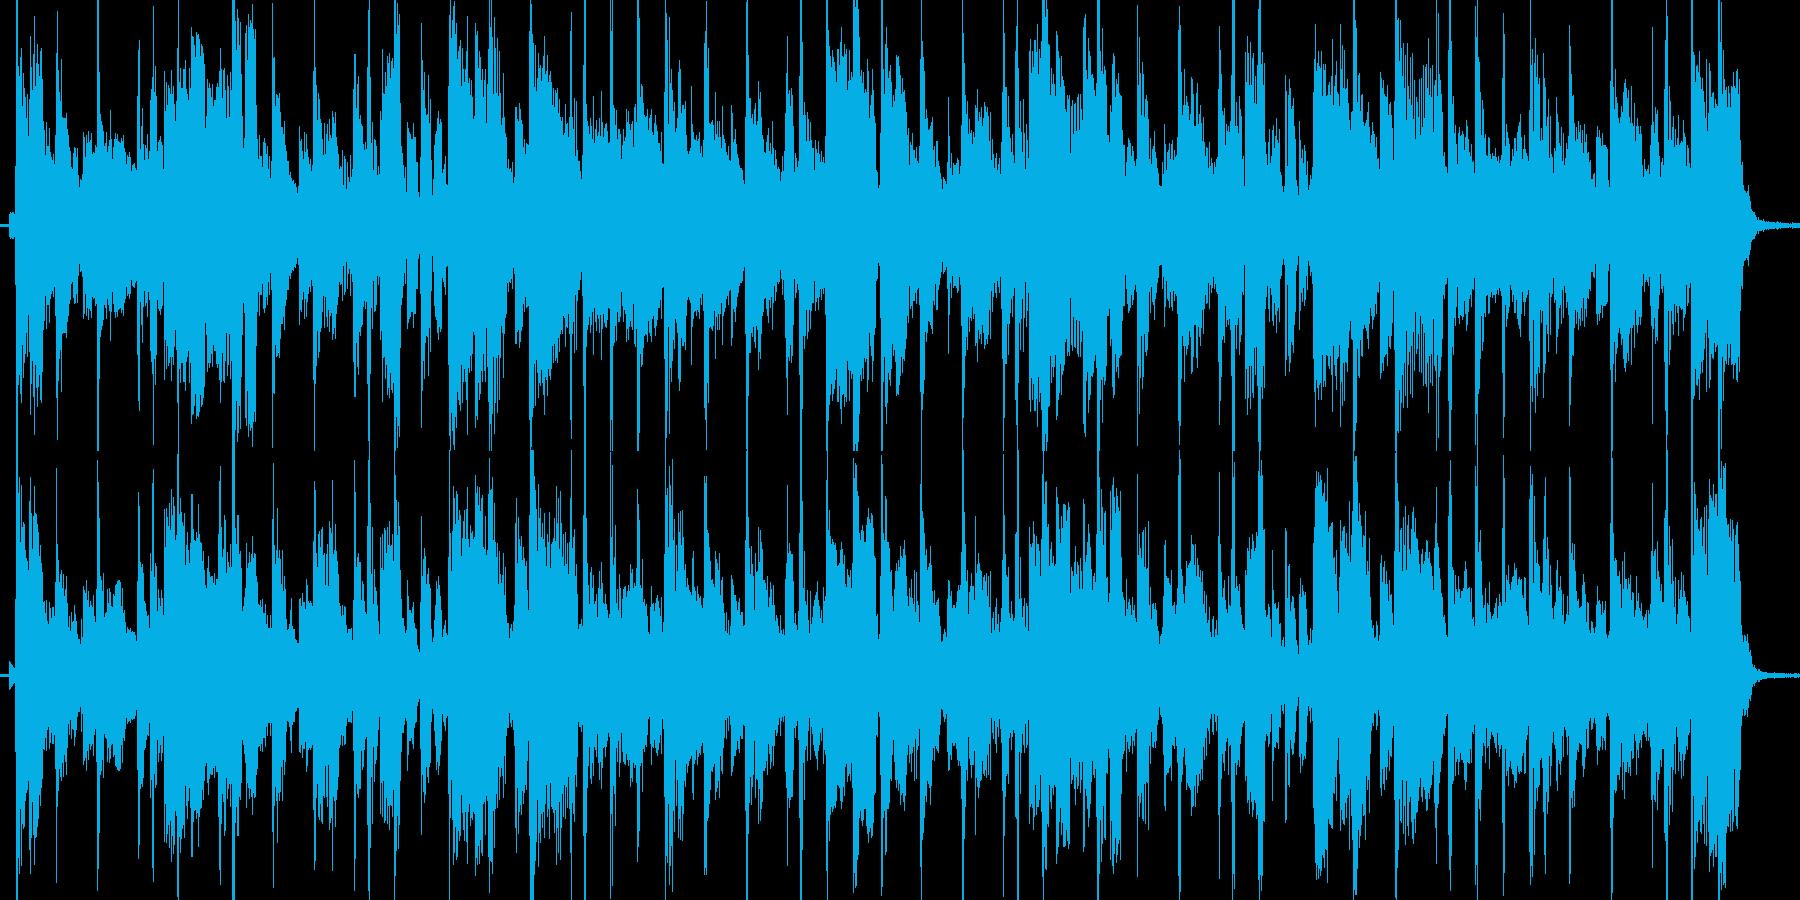 クールでかっこいいフュージョンジングルの再生済みの波形